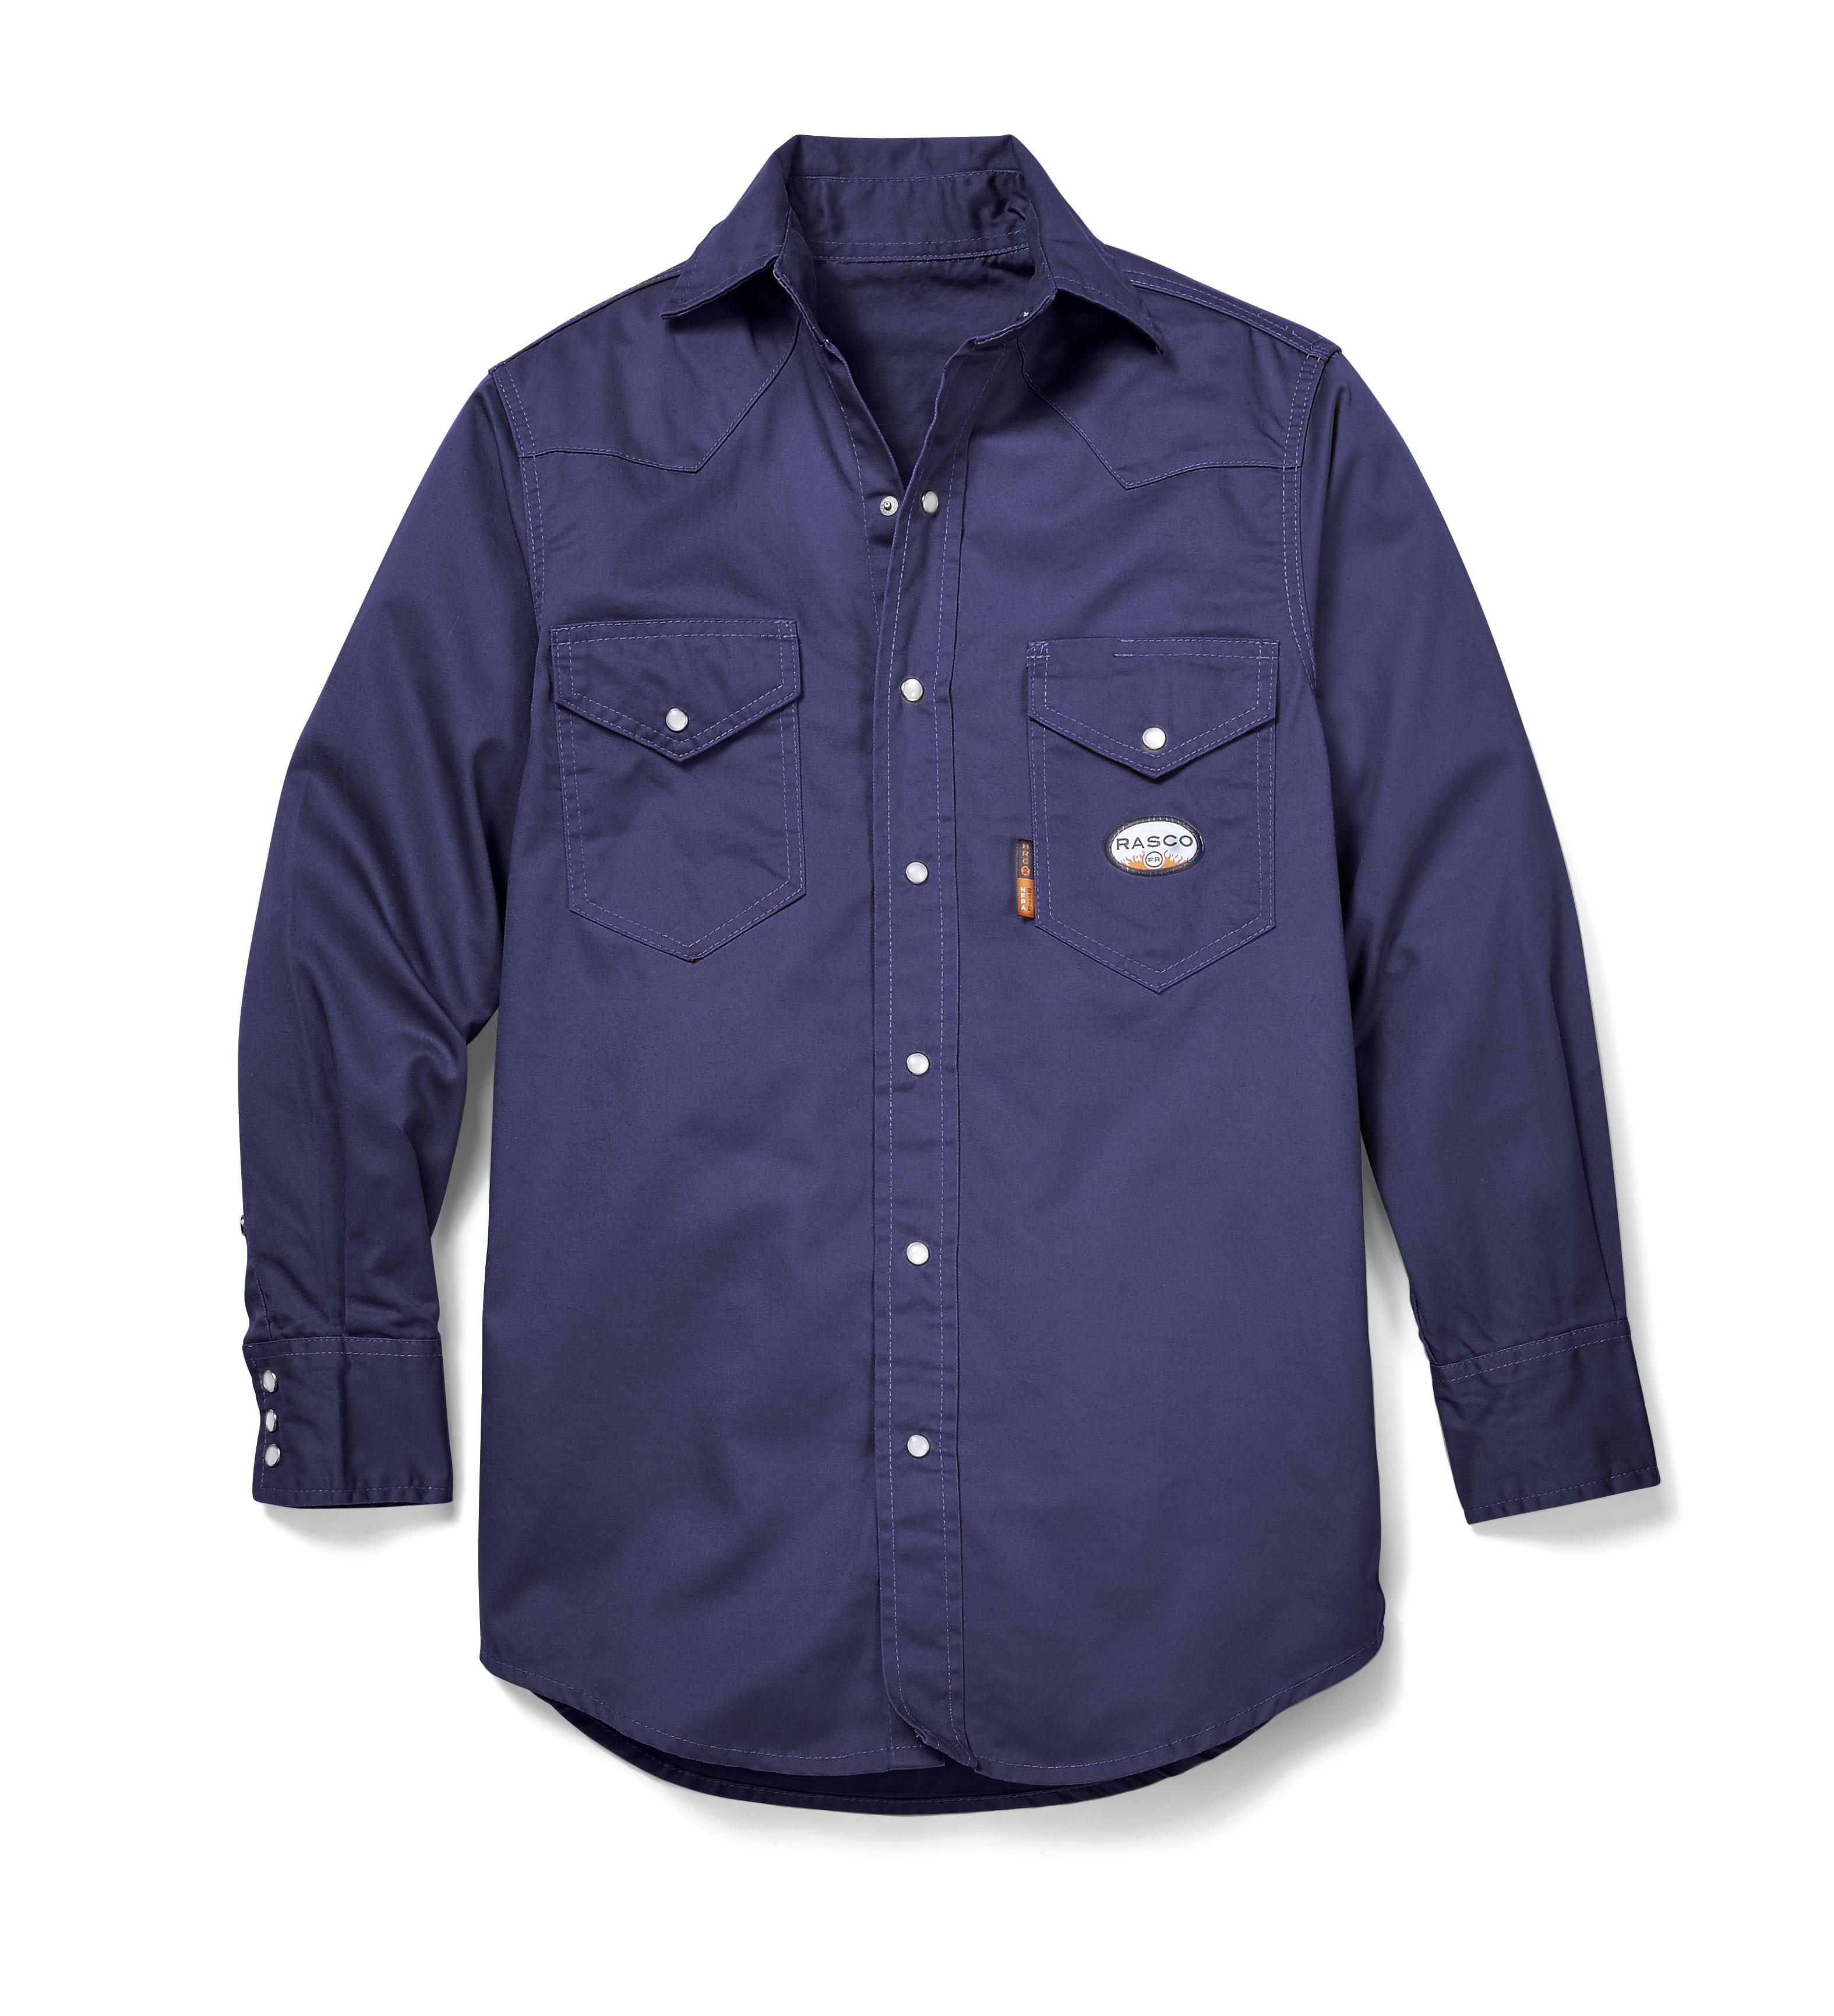 f13e12cc Rasco FR Lightweight Men's Shirt | NR755